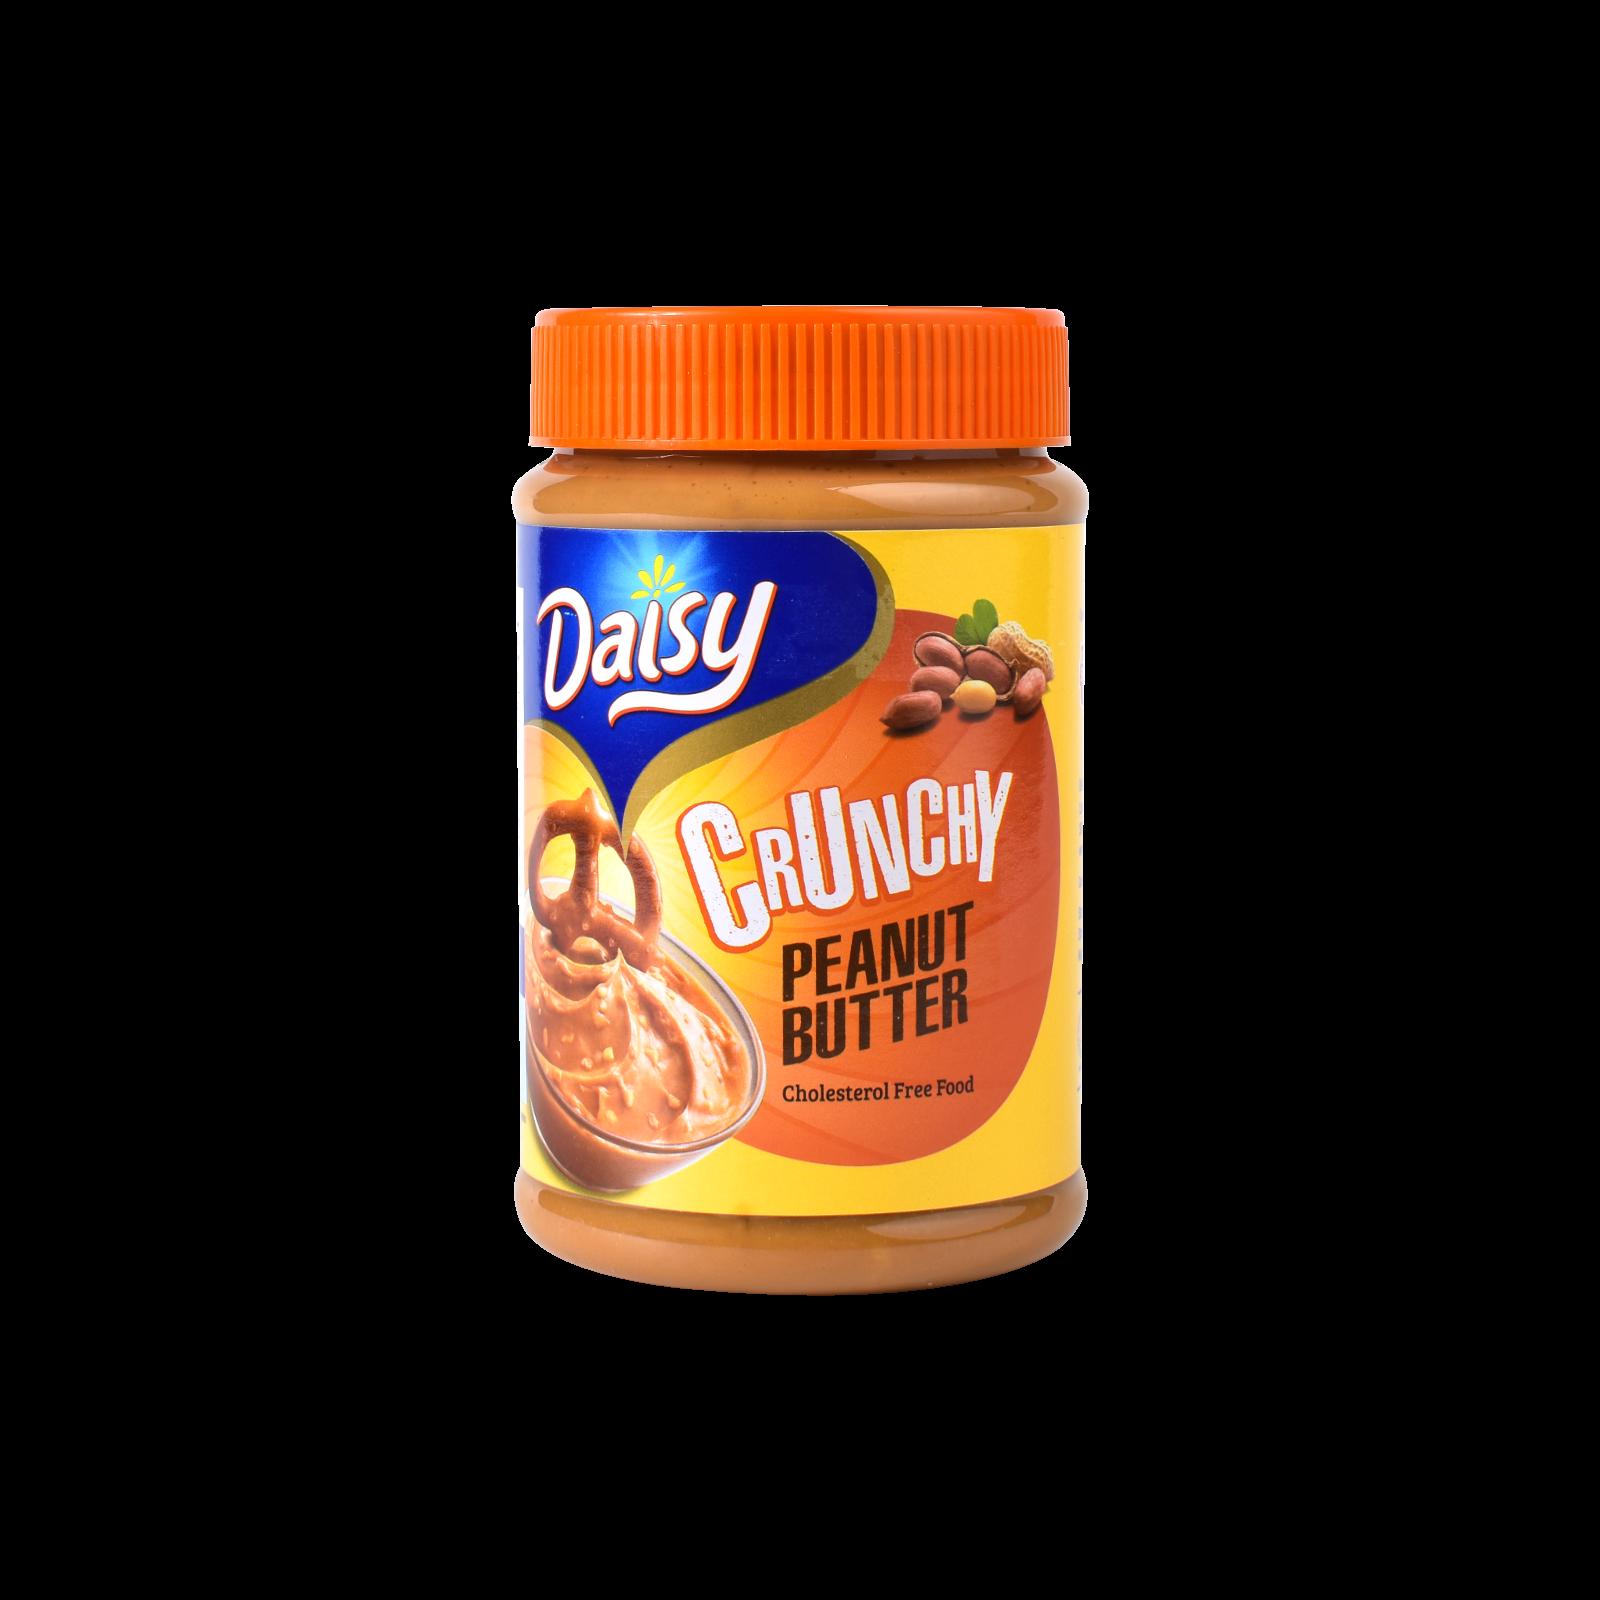 Daisy  Crunchy Peanut Butter 500g.png